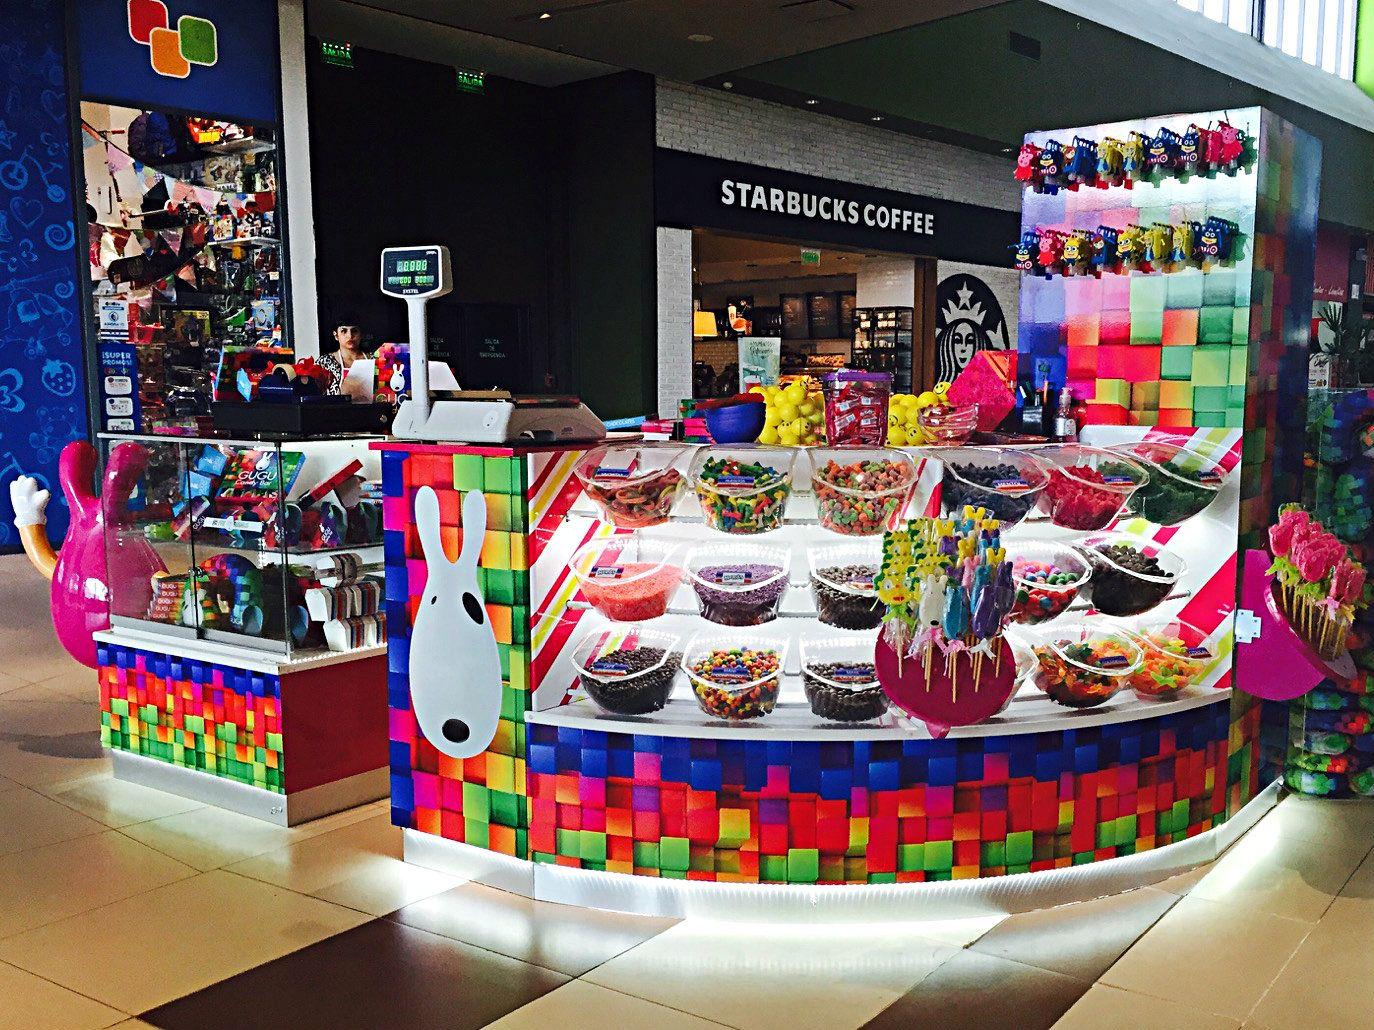 Cuales Son Tus Golosinas Favoritas Encontralas En Gugu Candy Bar En La Planta Alta De Terrazasdemayo Planta Alta Golosinas Terrazas